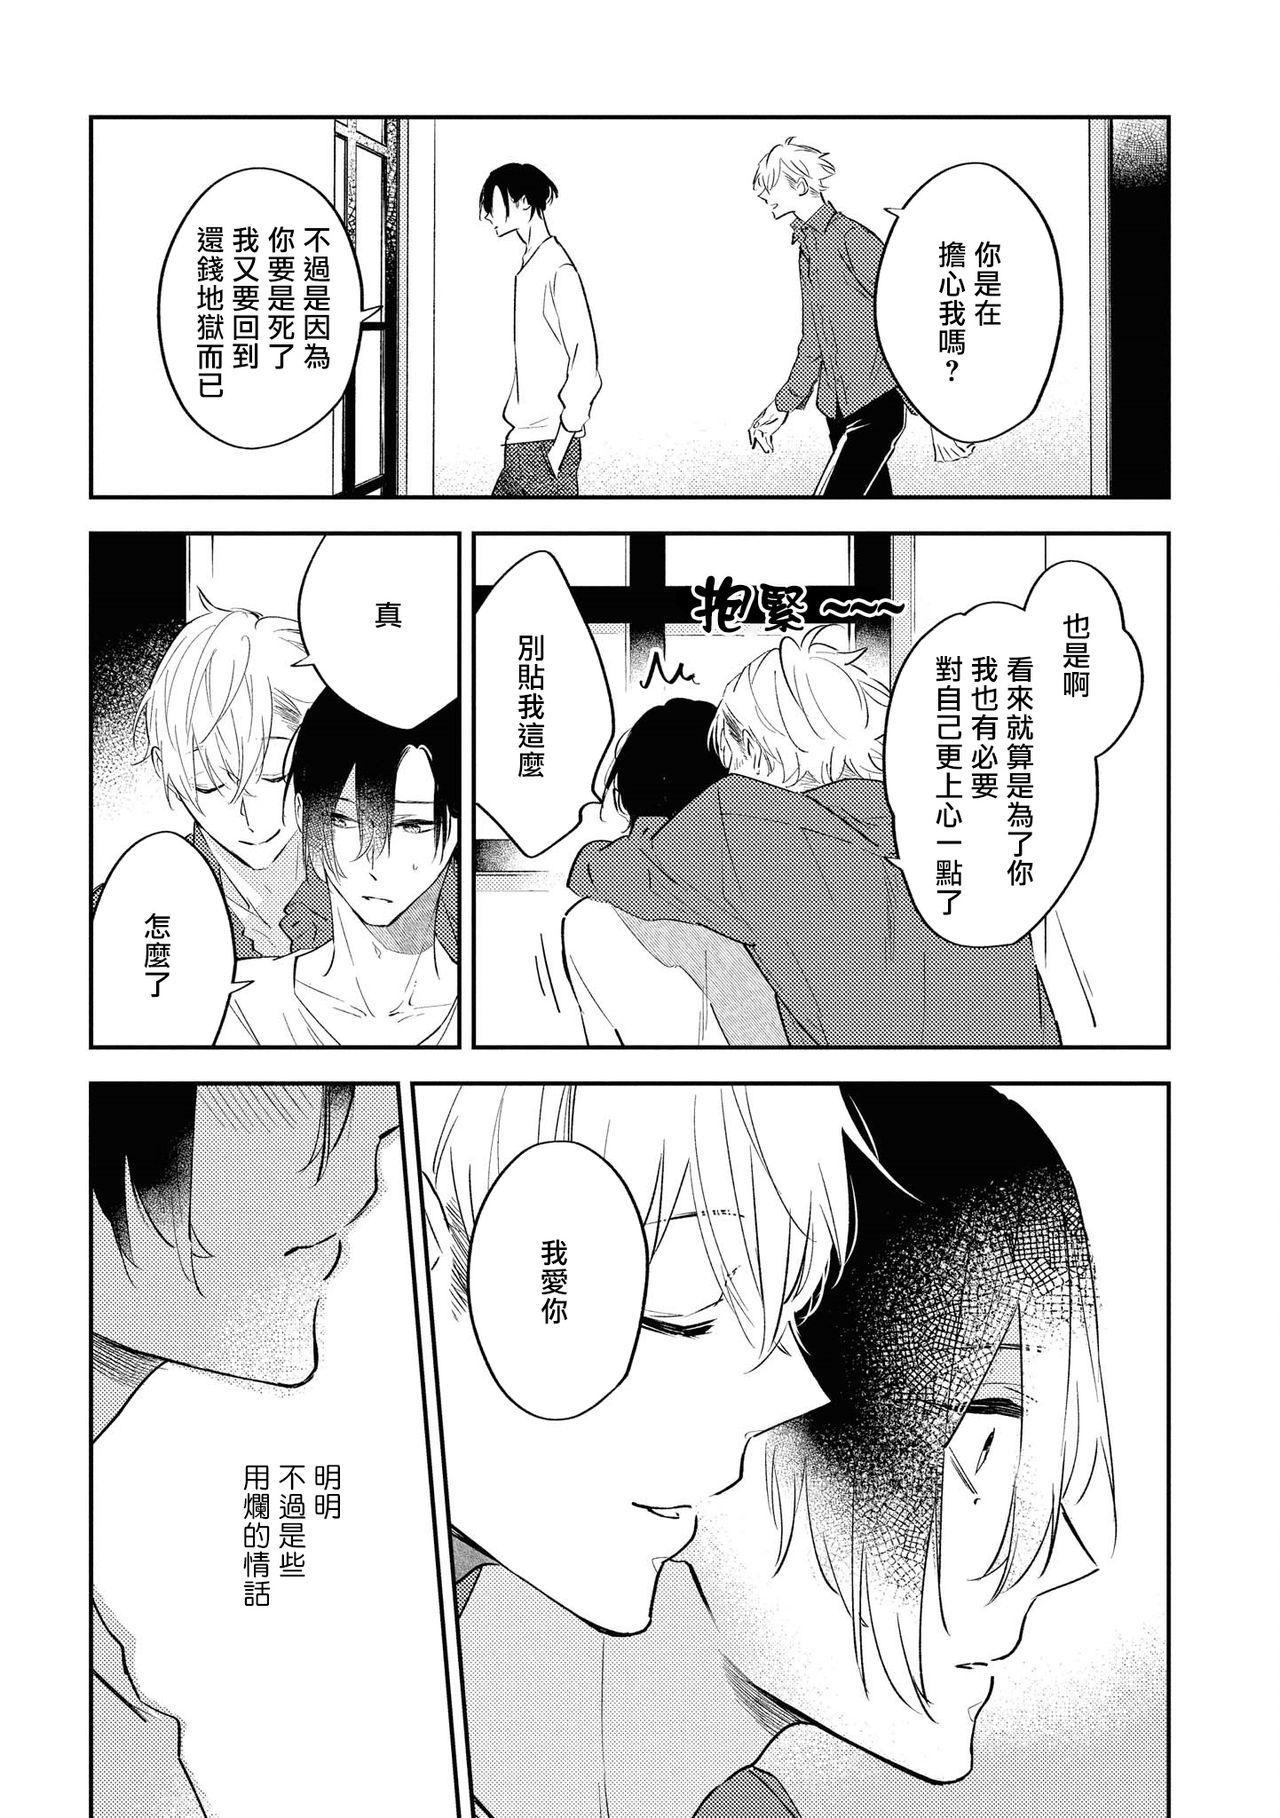 Okane Ariki no Kankei desu ga | 与债有关 Ch. 1-4 75